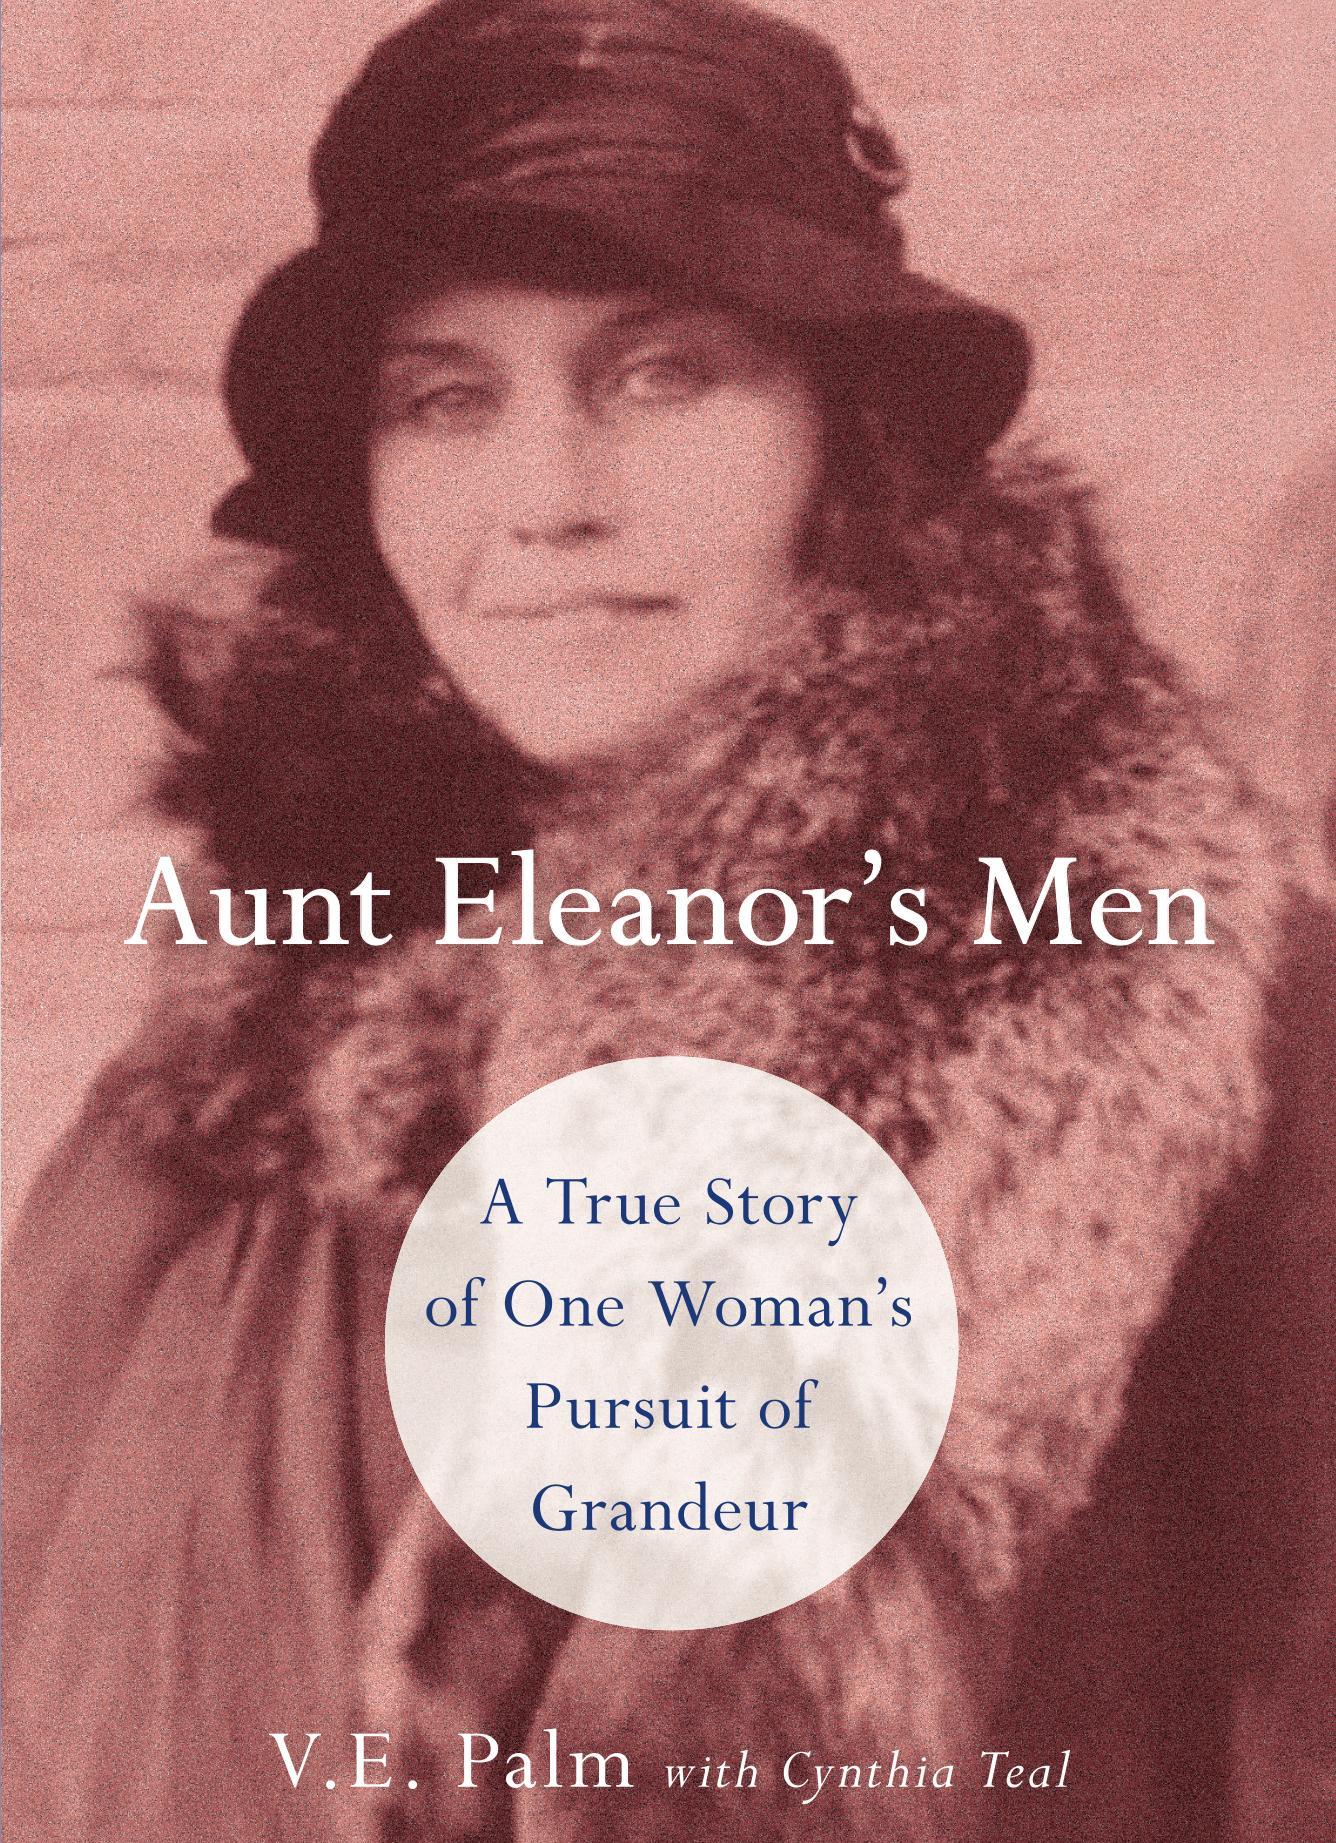 Aunt Eleanor's Men, A True Story of One Woman's Pursuit of Grandeur